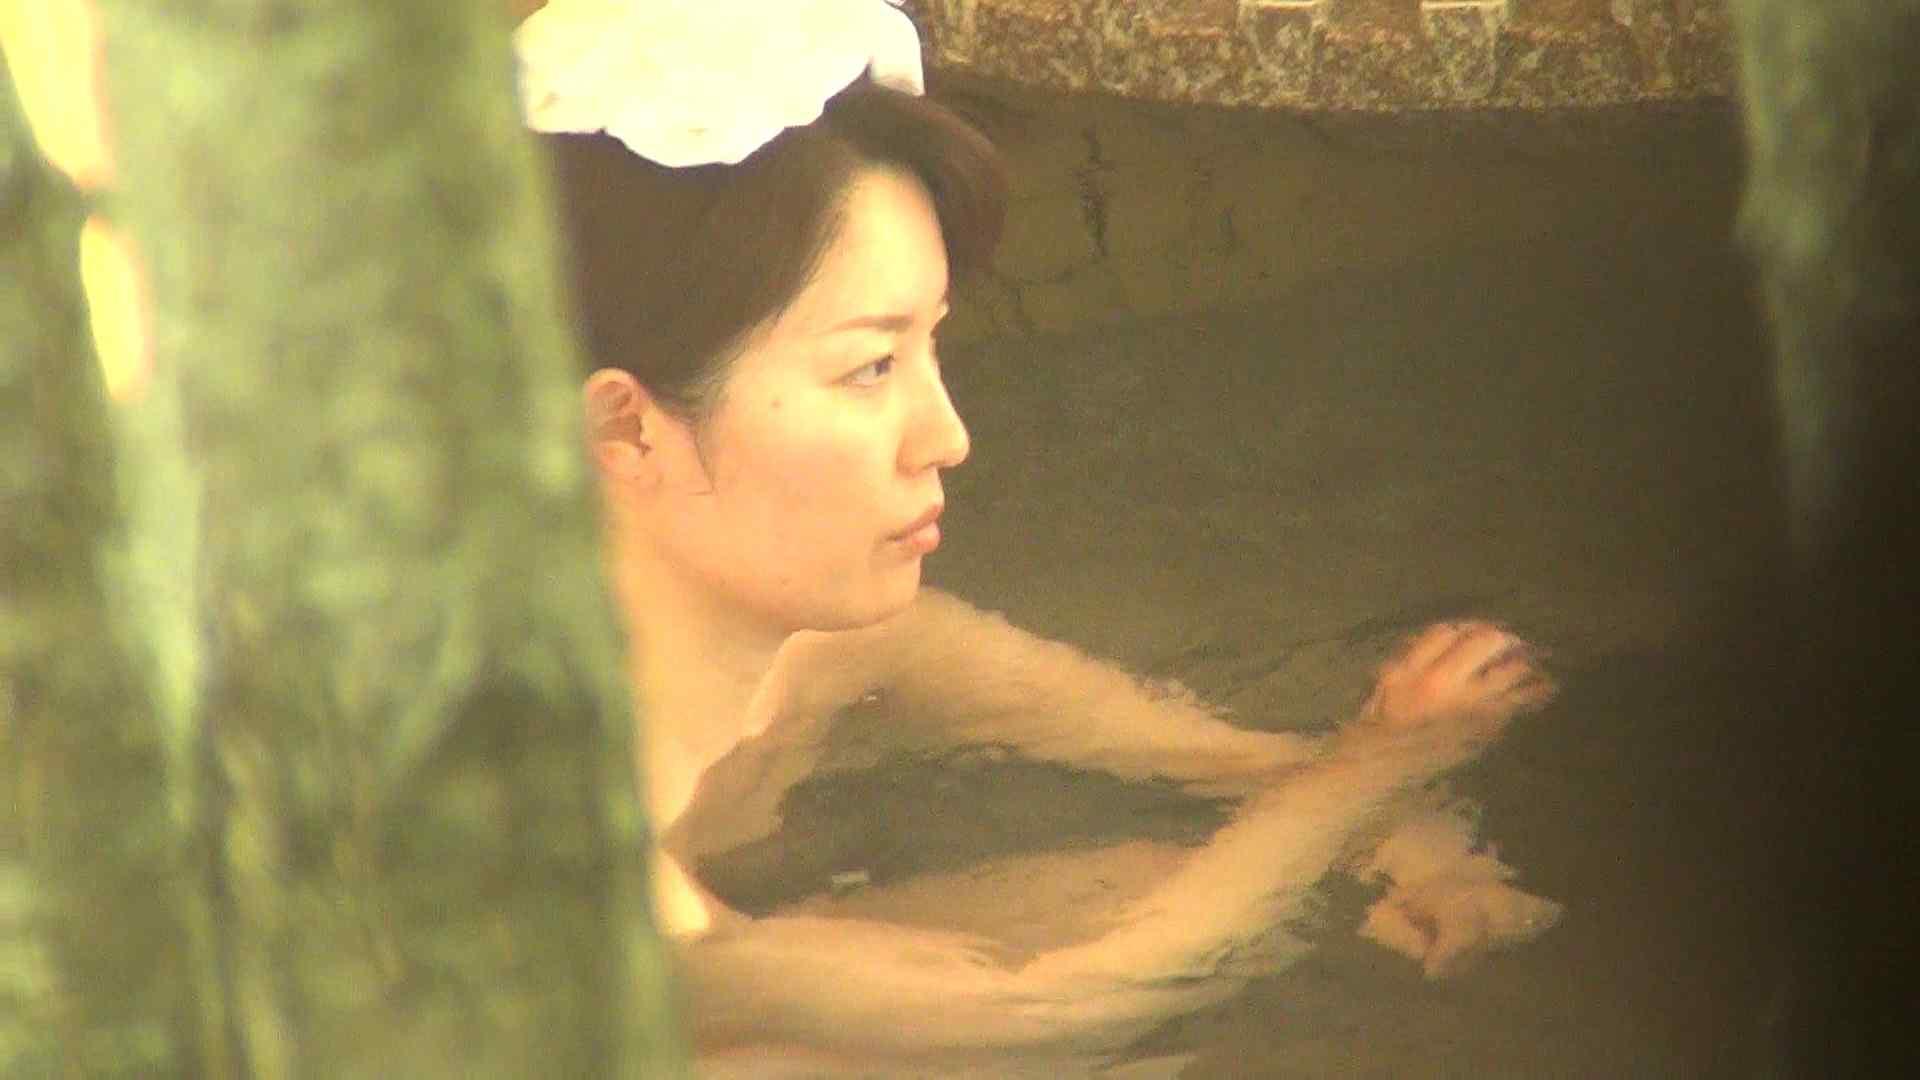 Aquaな露天風呂Vol.301 露天 | 盗撮  85画像 70